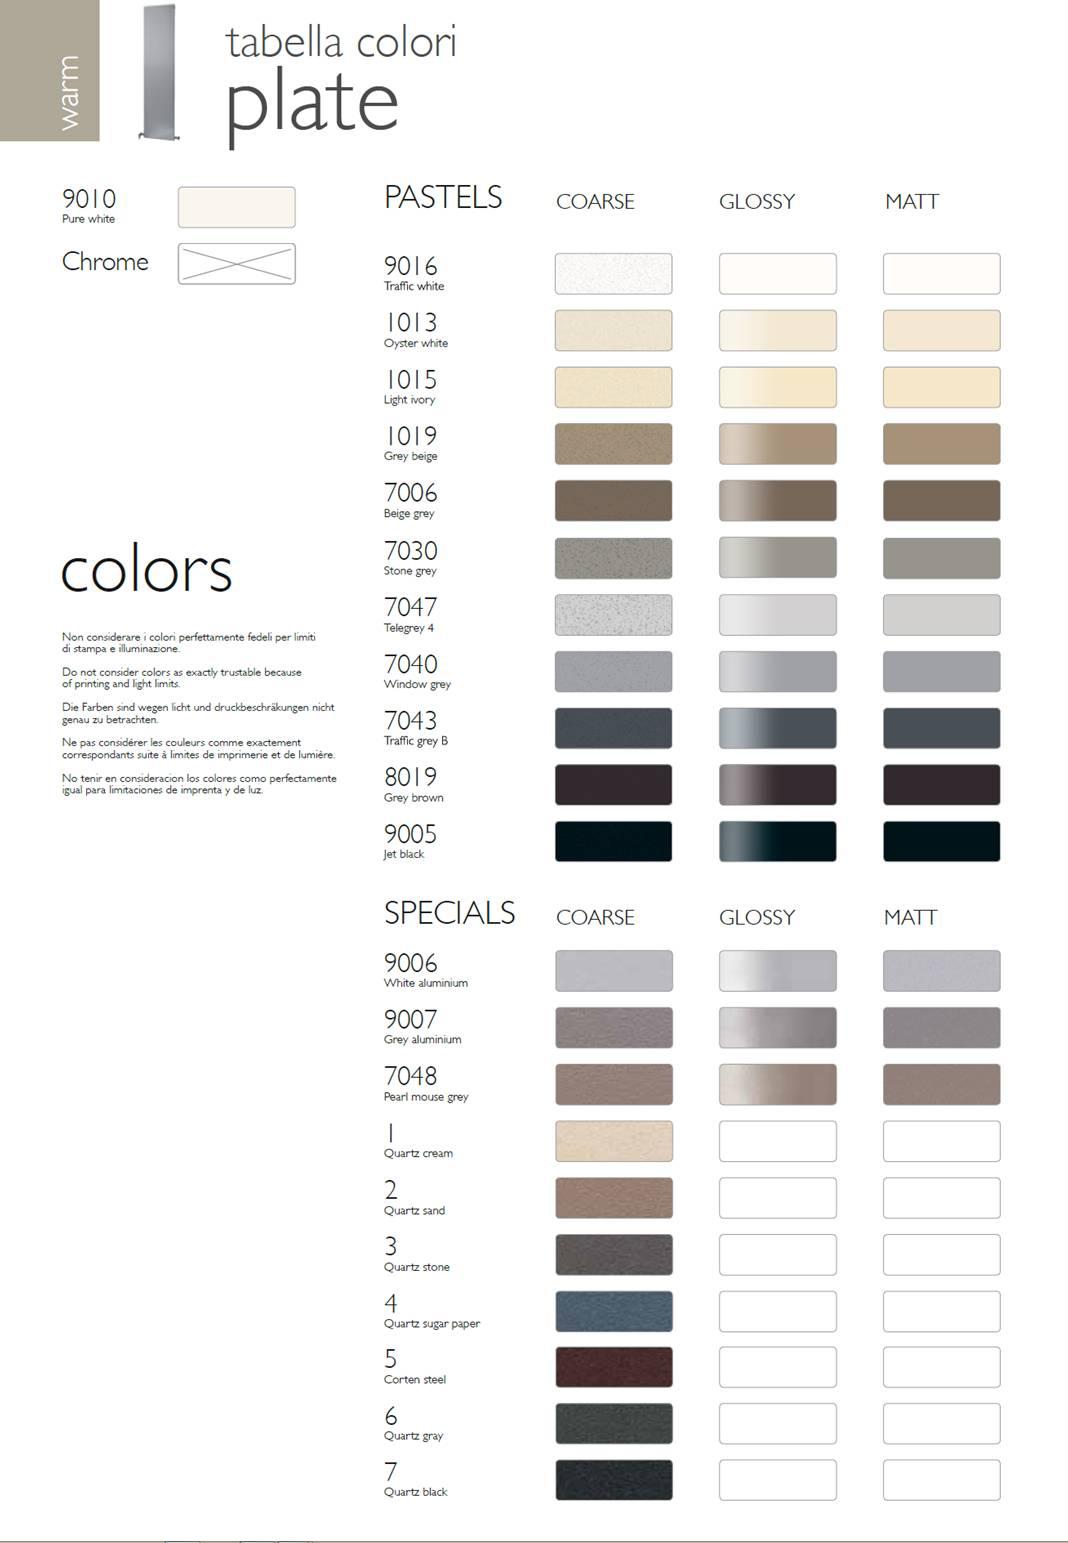 tabella_colori_plate_deltacalor_orizzontale_e_verticale_singolo